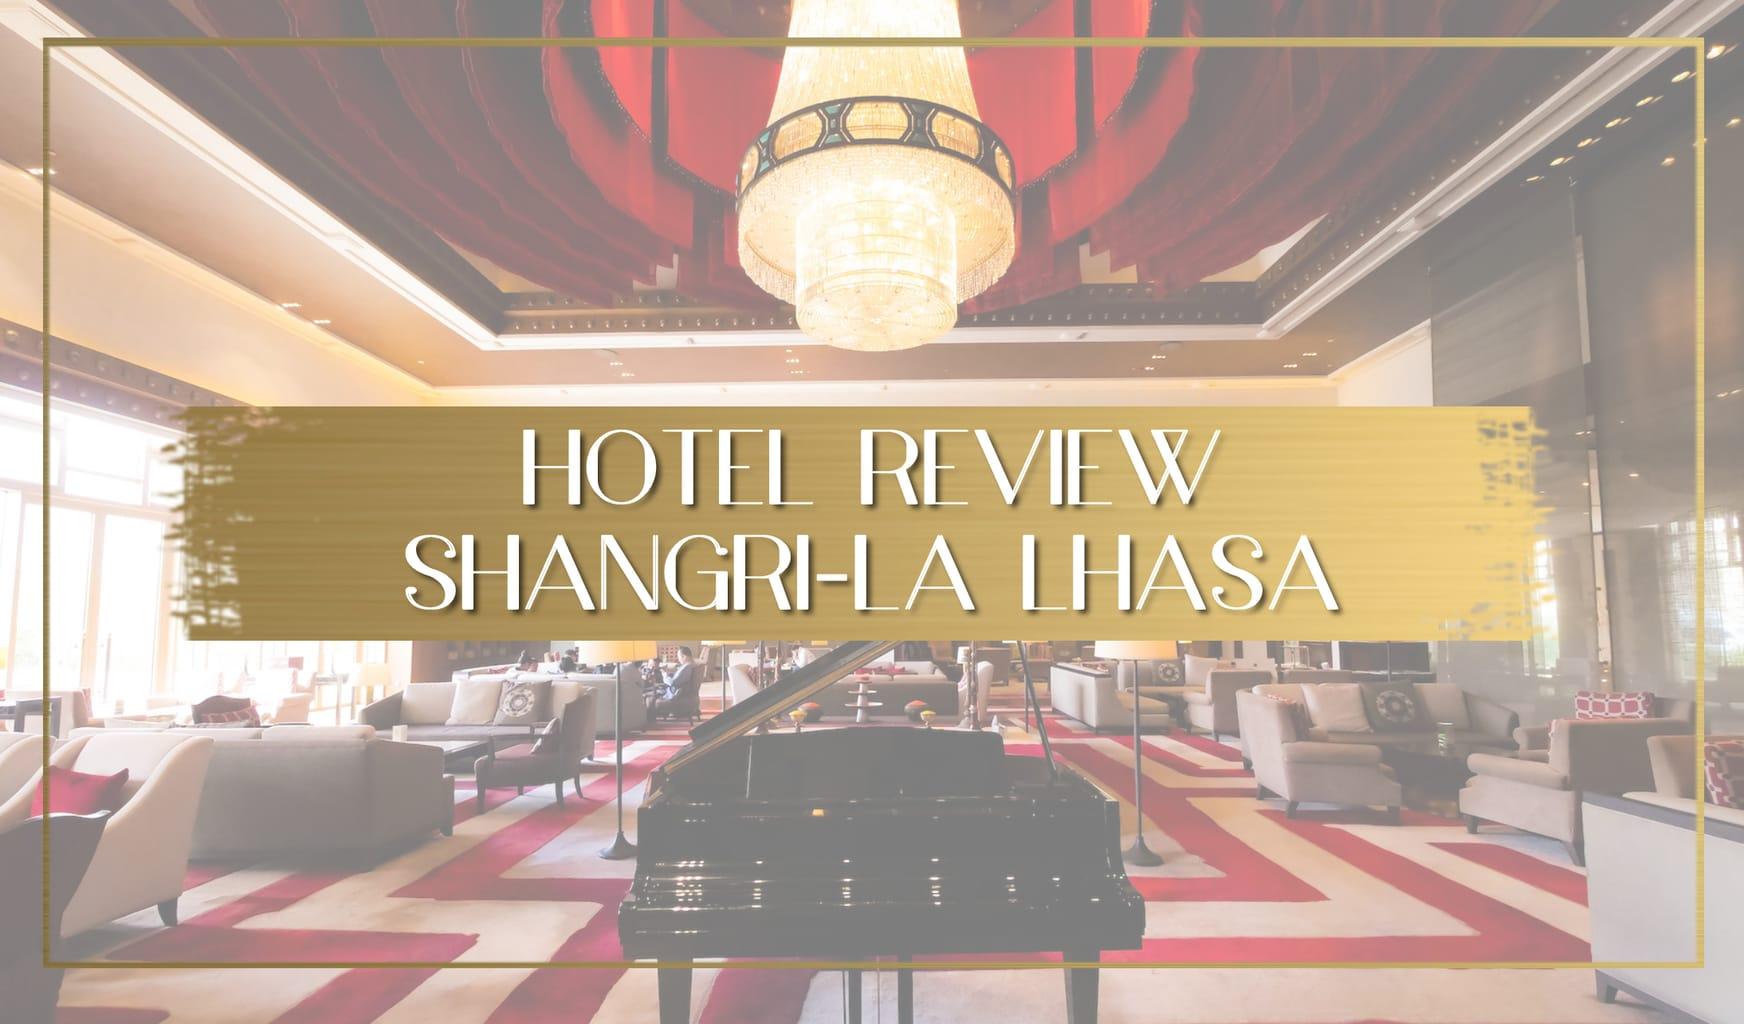 Hotel review of Shangri-la Lhasa main